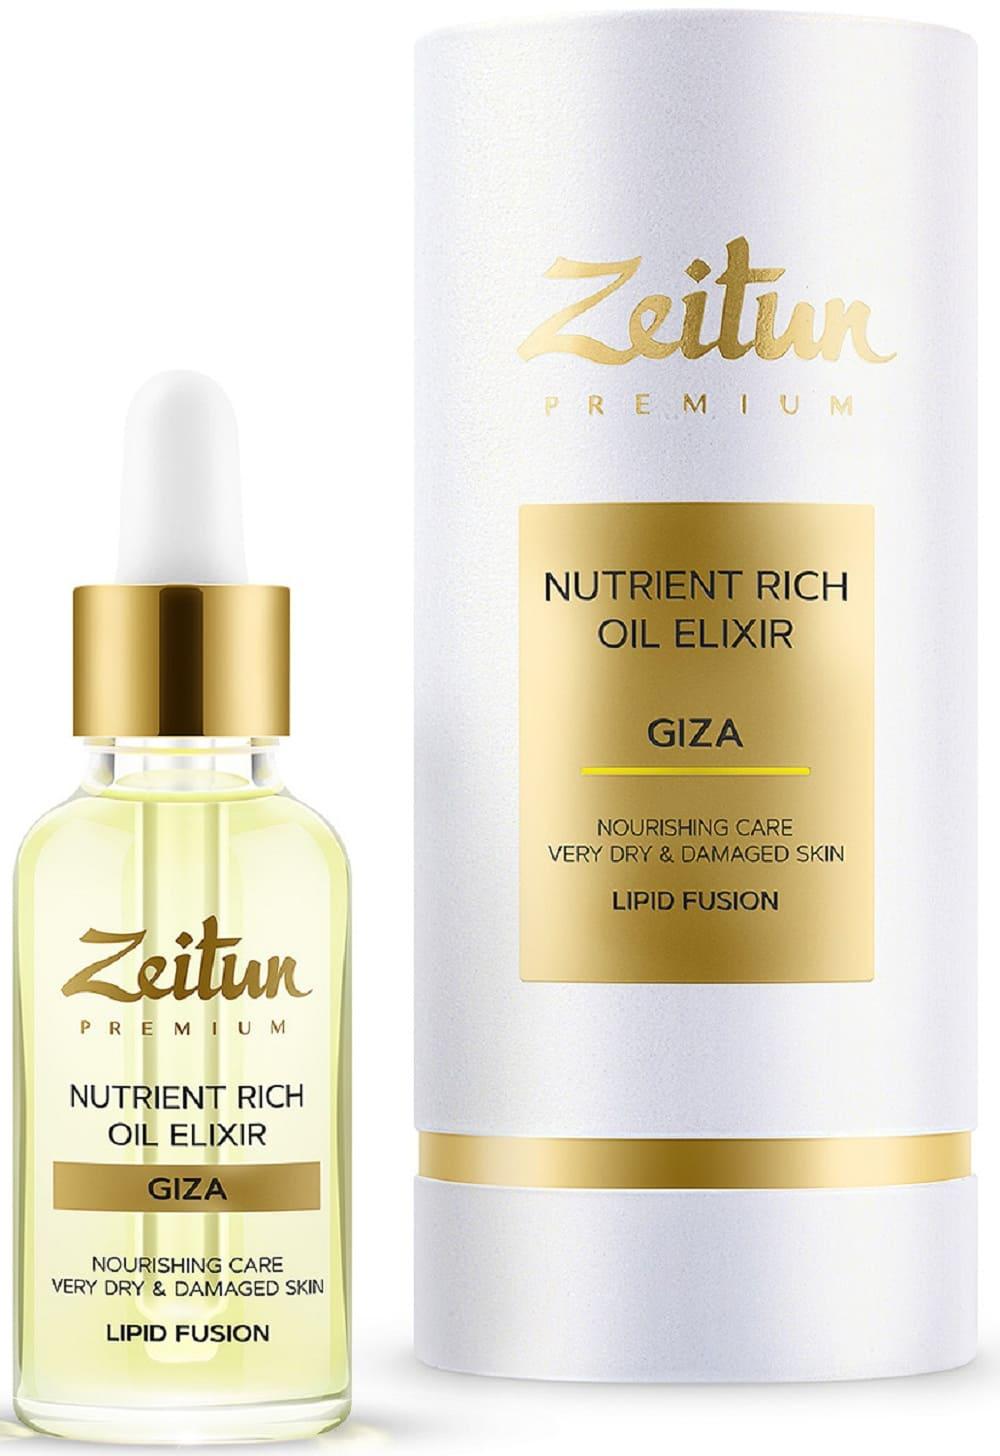 Zeitun Premium GIZA Nutrient Rich Oil Elixir